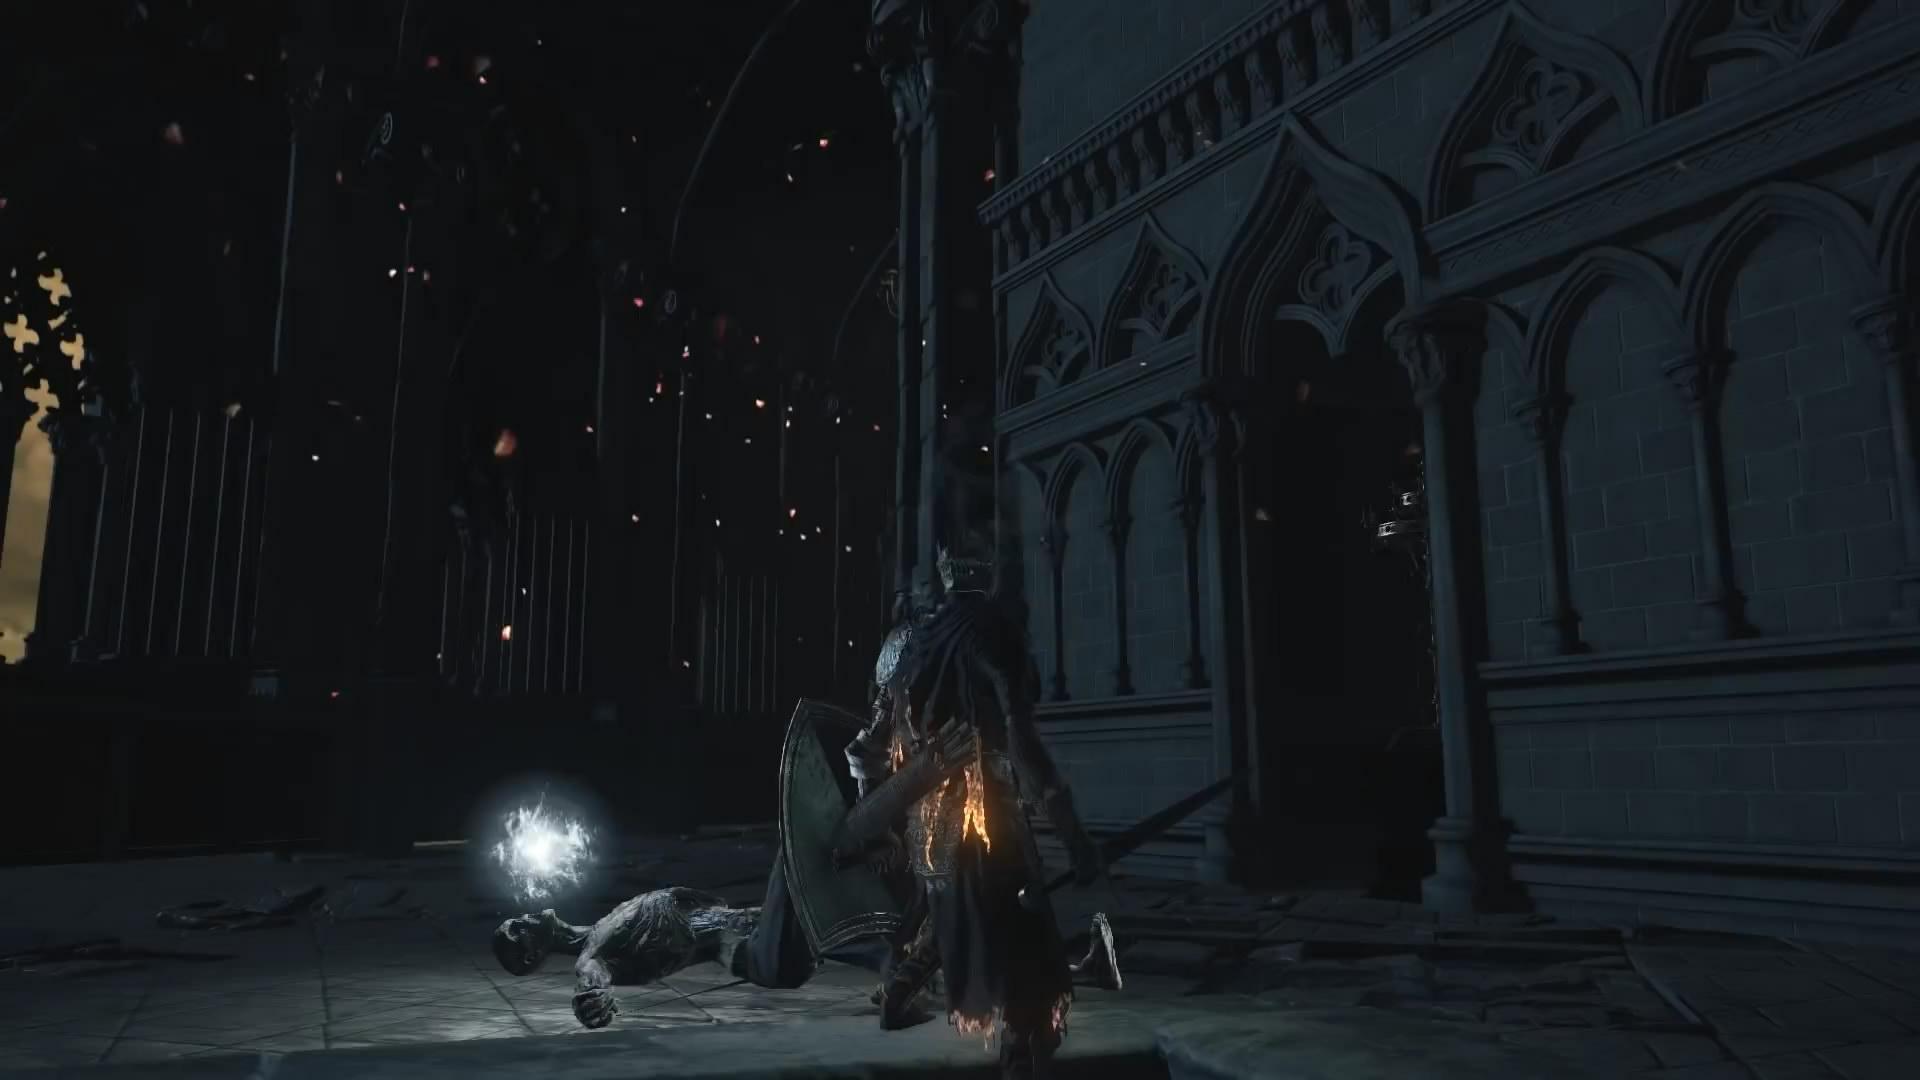 黑暗之魂3 - 叽咪叽咪 | 游戏评测